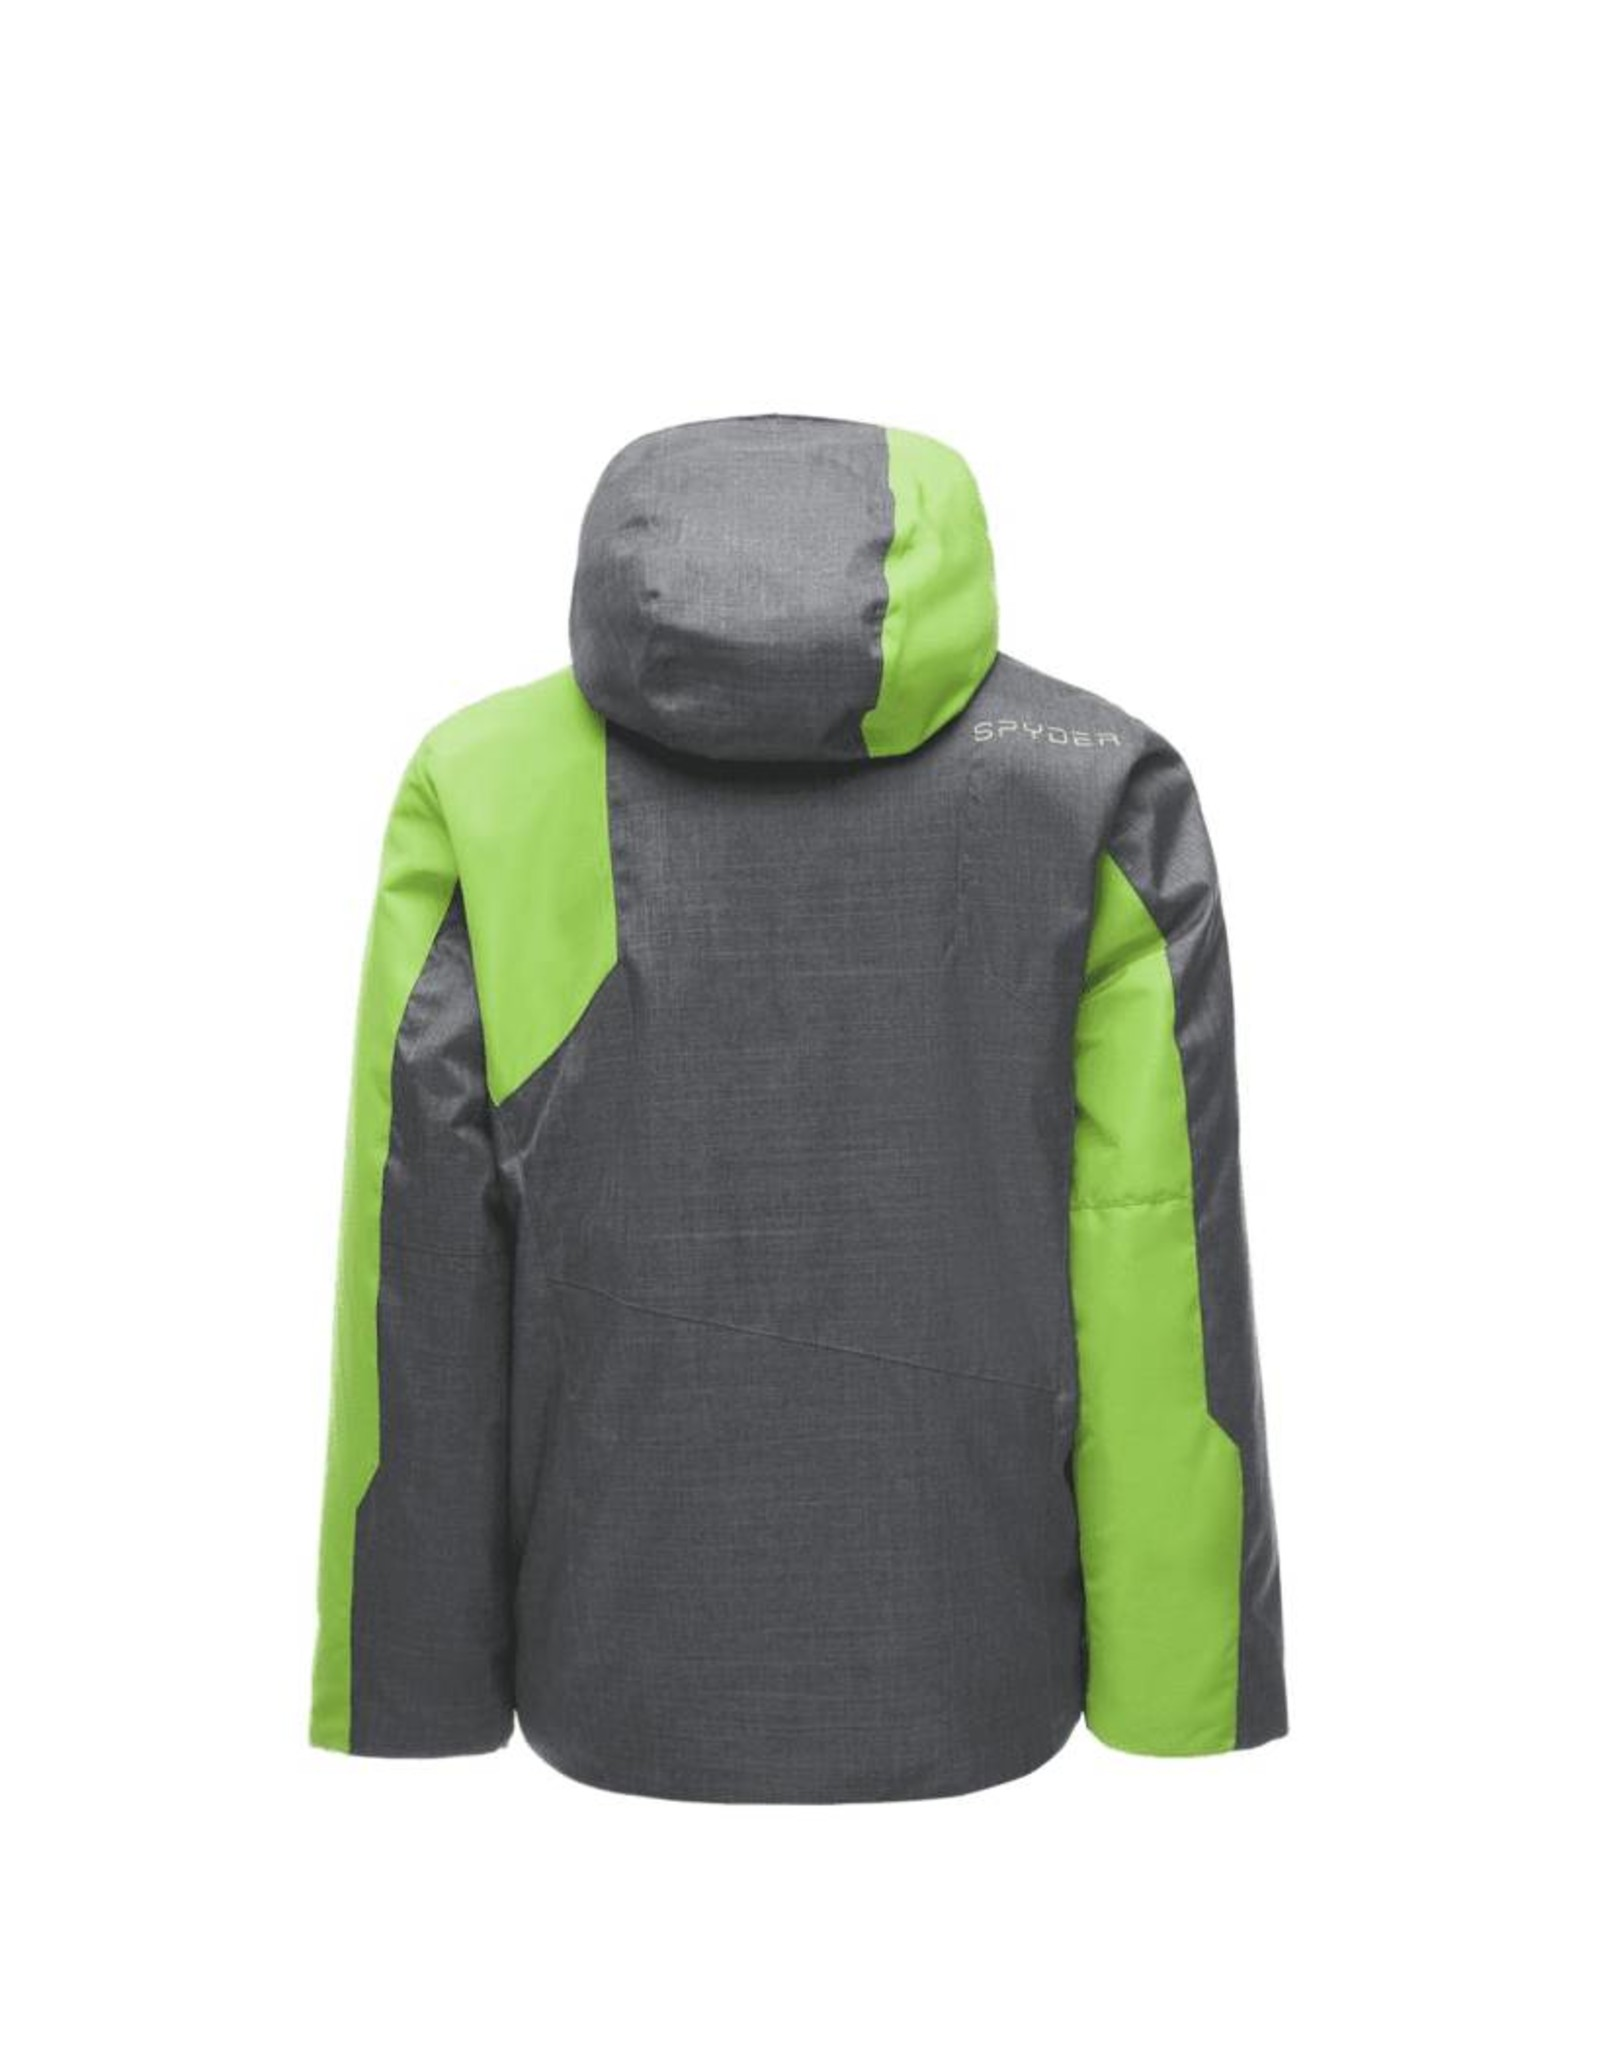 Spyder Boys Flyte Ski Jacket